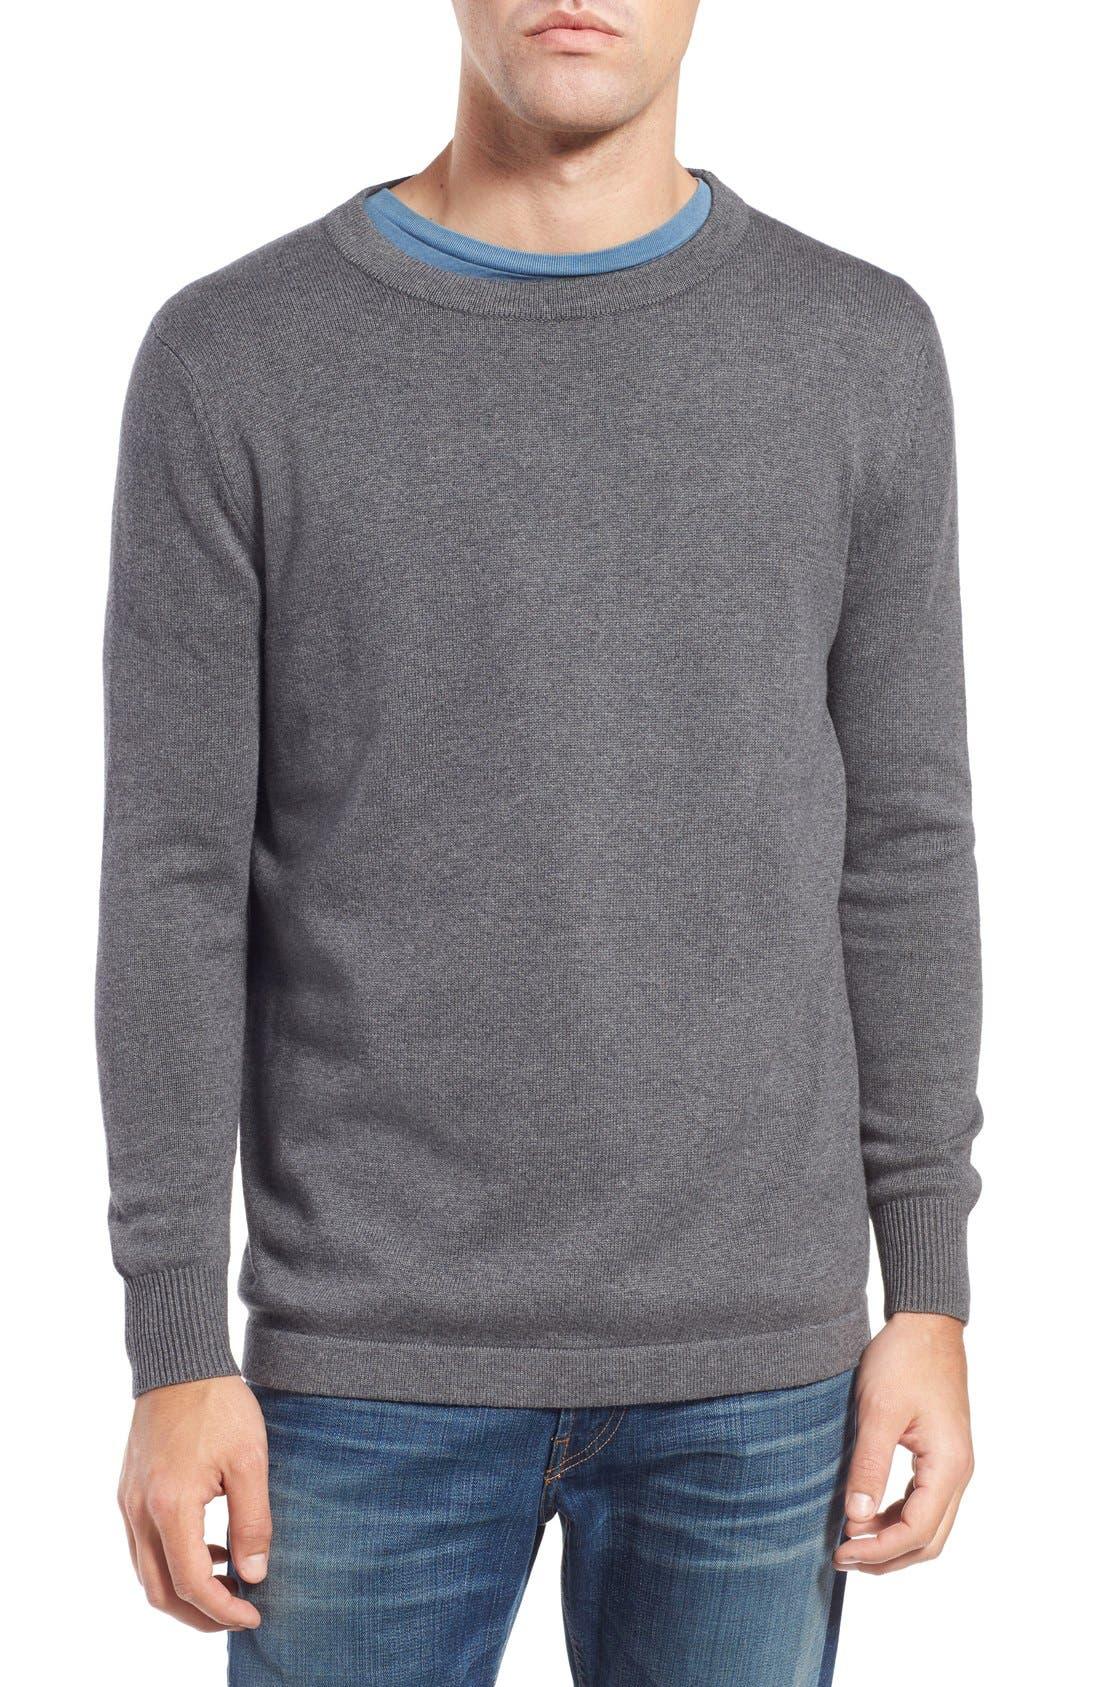 Original Paperbacks 'San Francisco' Crewneck Sweater